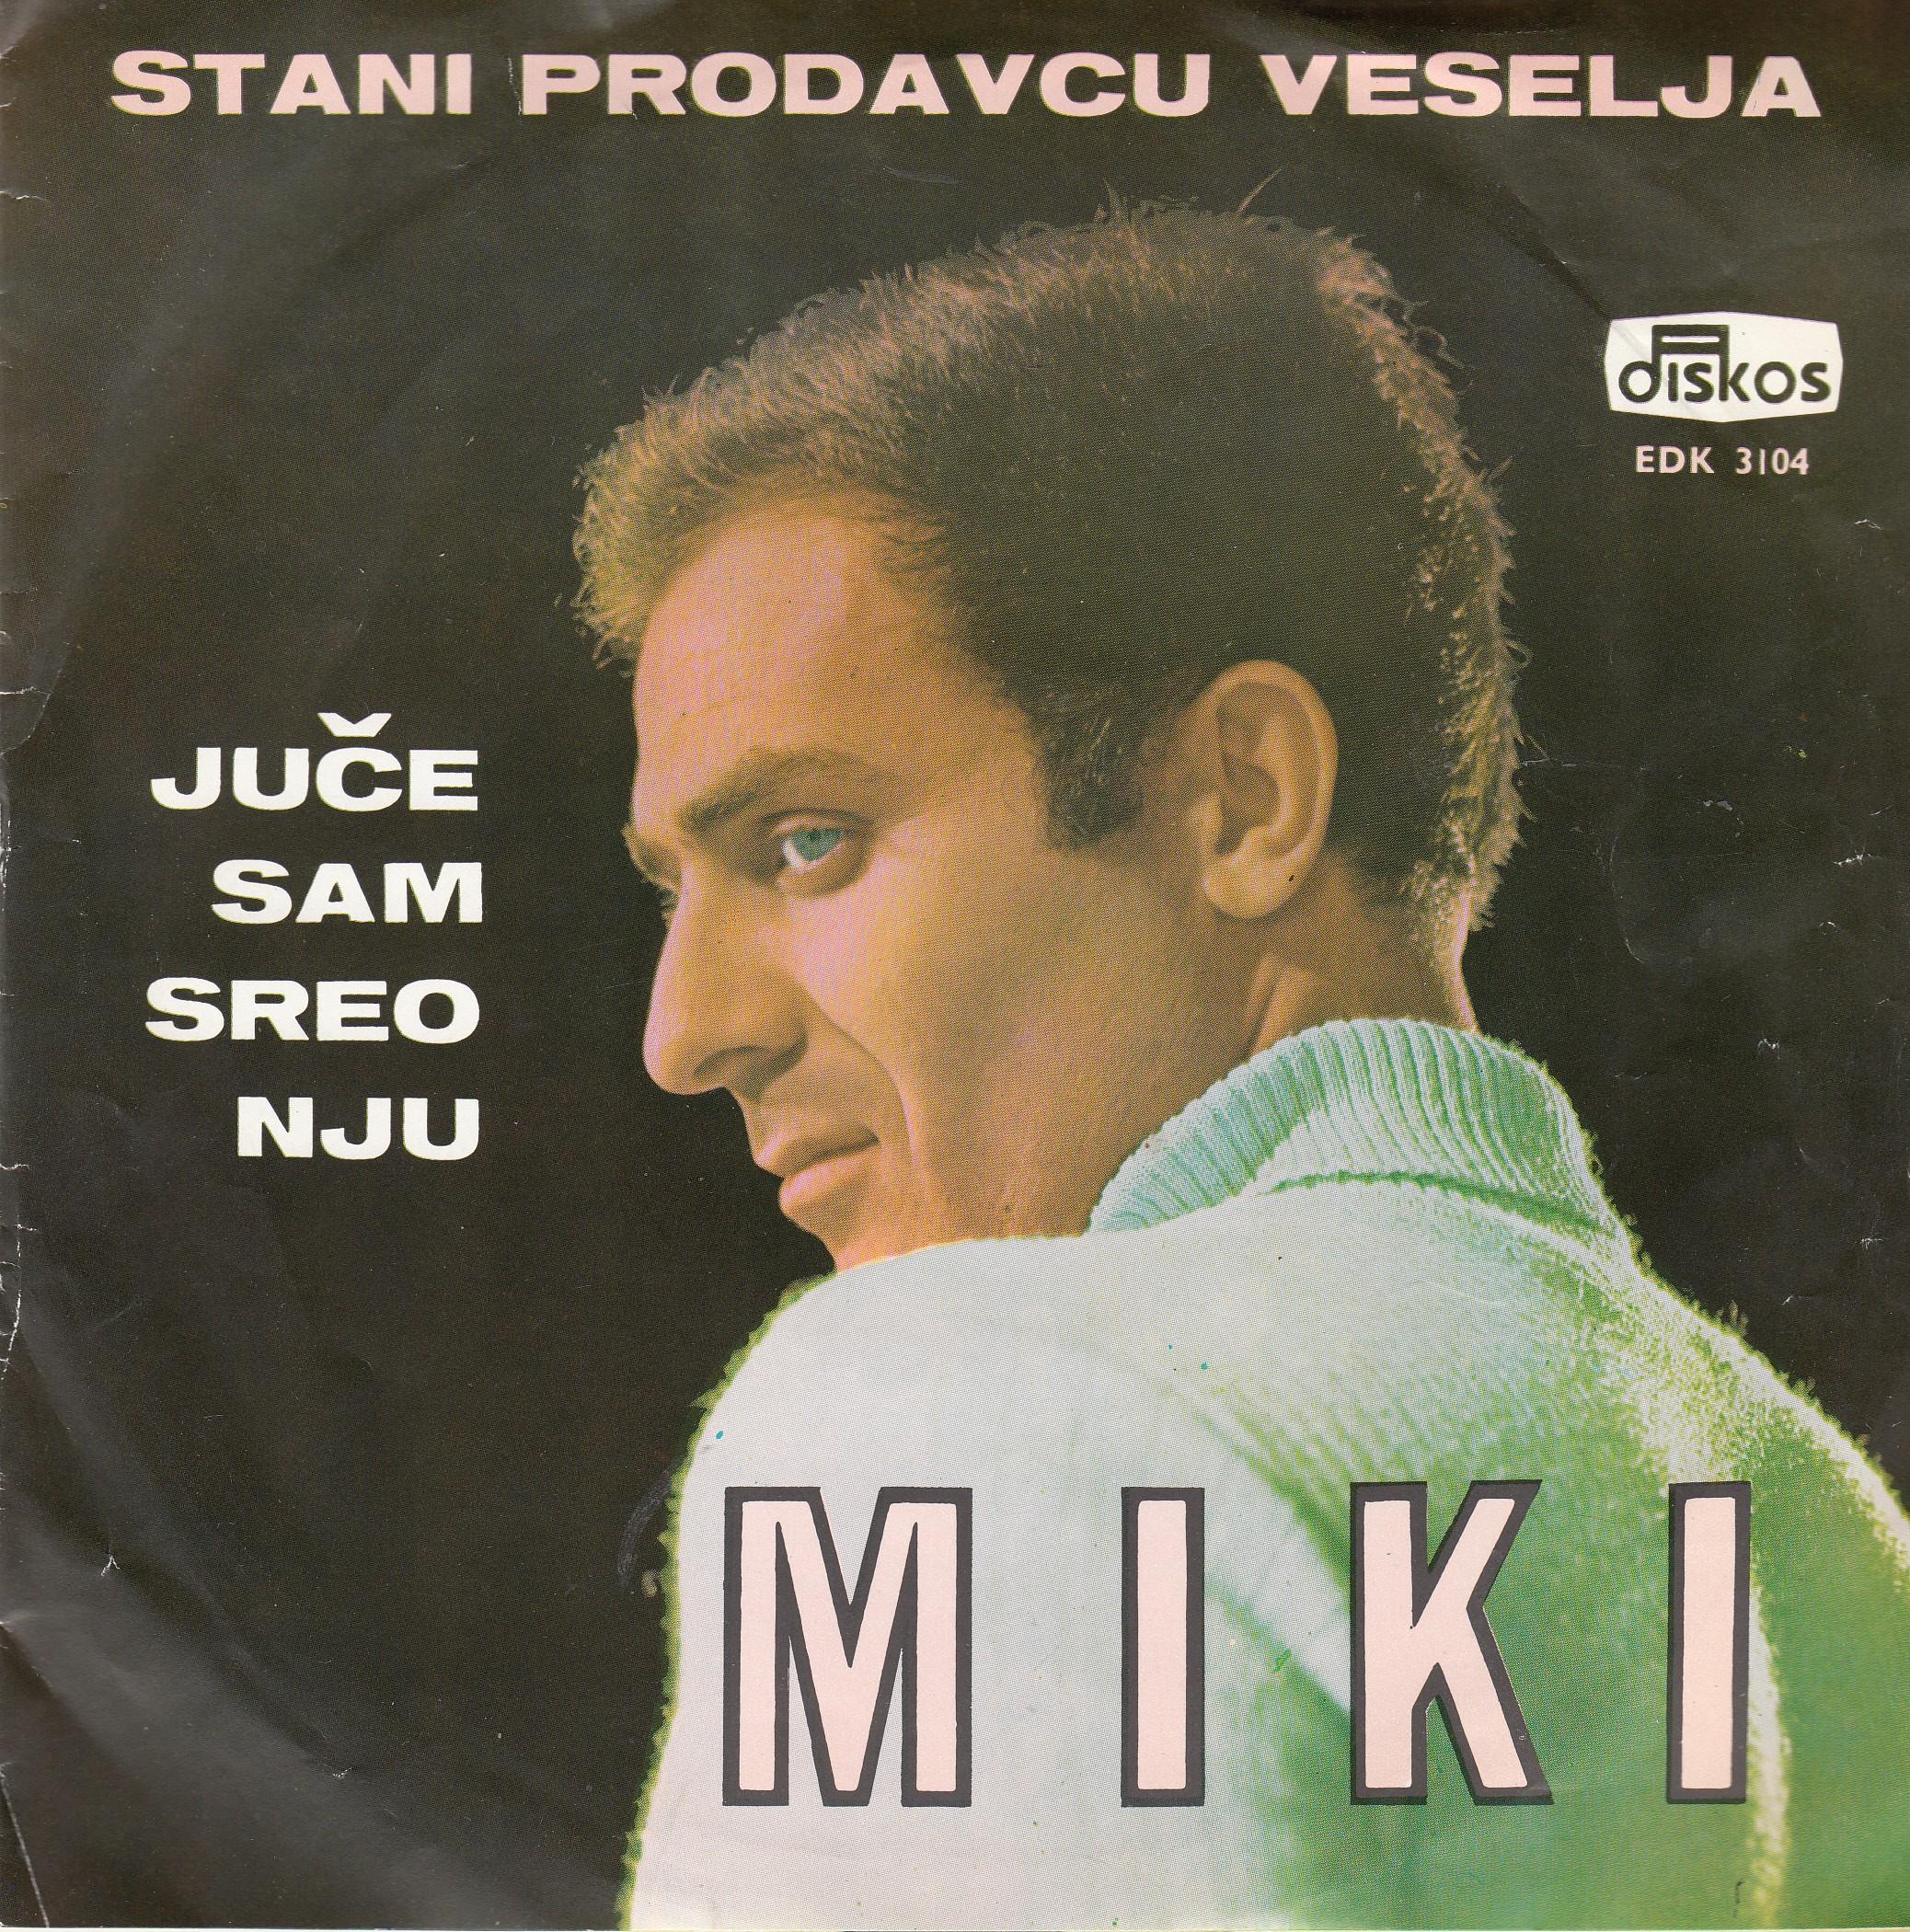 Jevremovic Miki - Stani Prodavcu Veselja/ja Sam Tvoj/juce Sam Sreo Nju/ciganka Moja